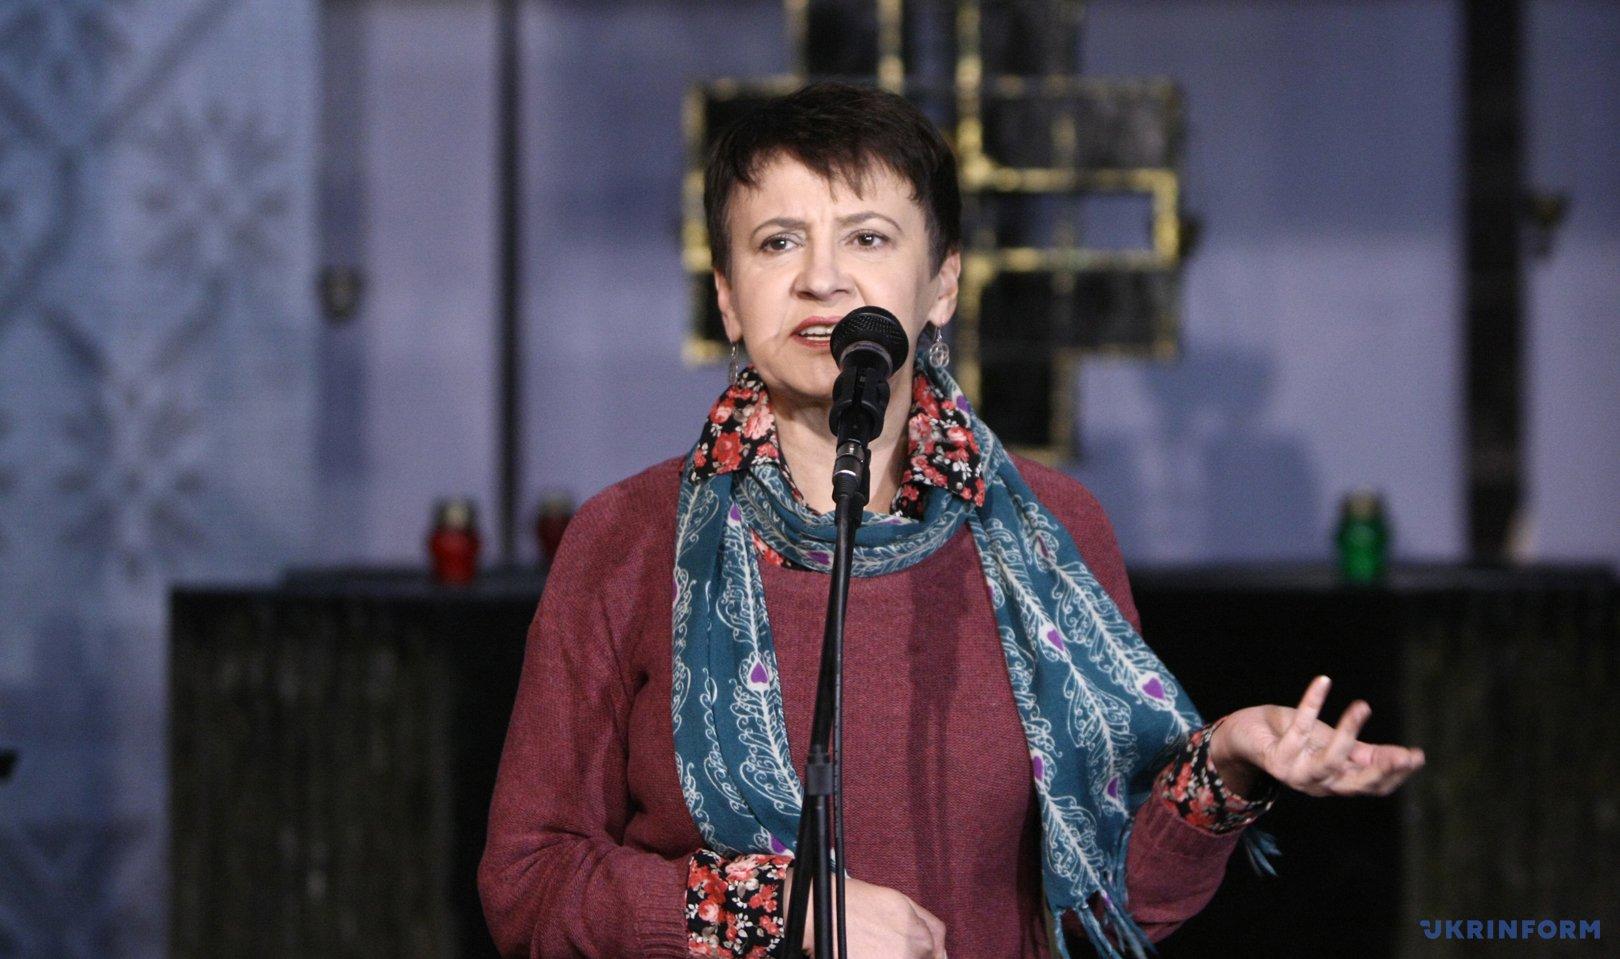 Саакашвили назвал решение опроведении «Евровидения» вКиеве «еще одним примером договорняков»